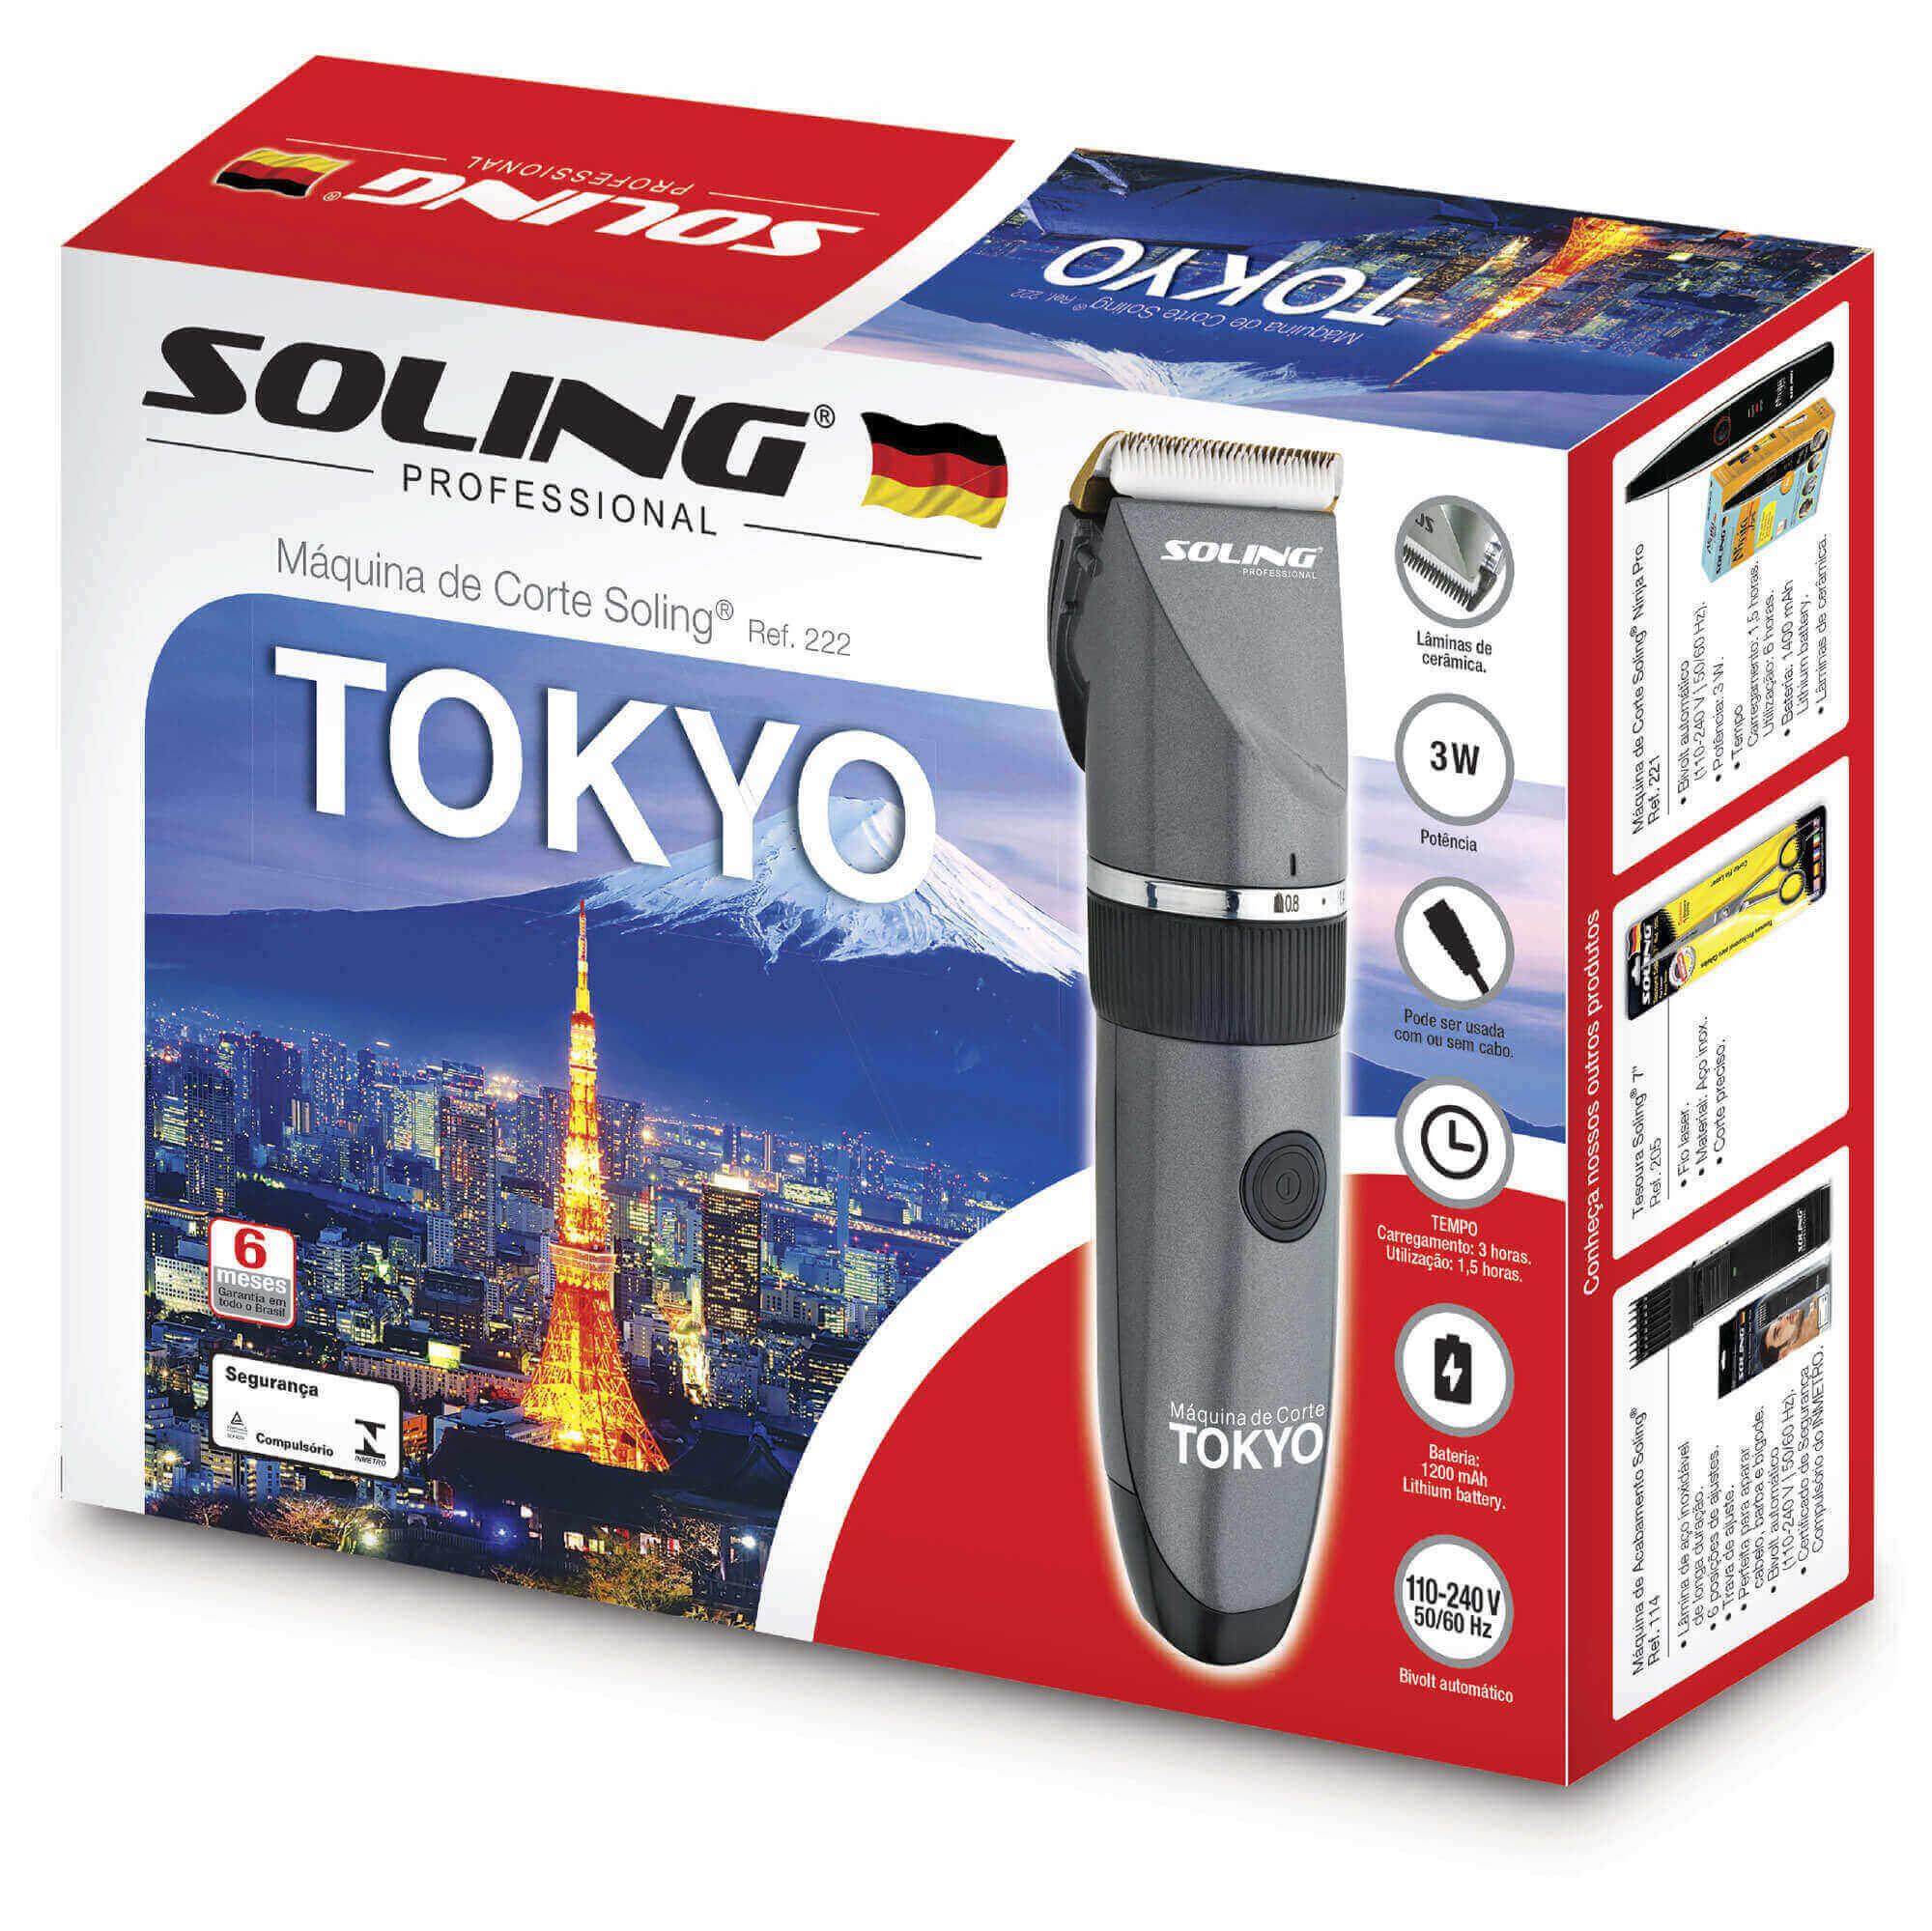 Máquina de Corte Soling Tokyo